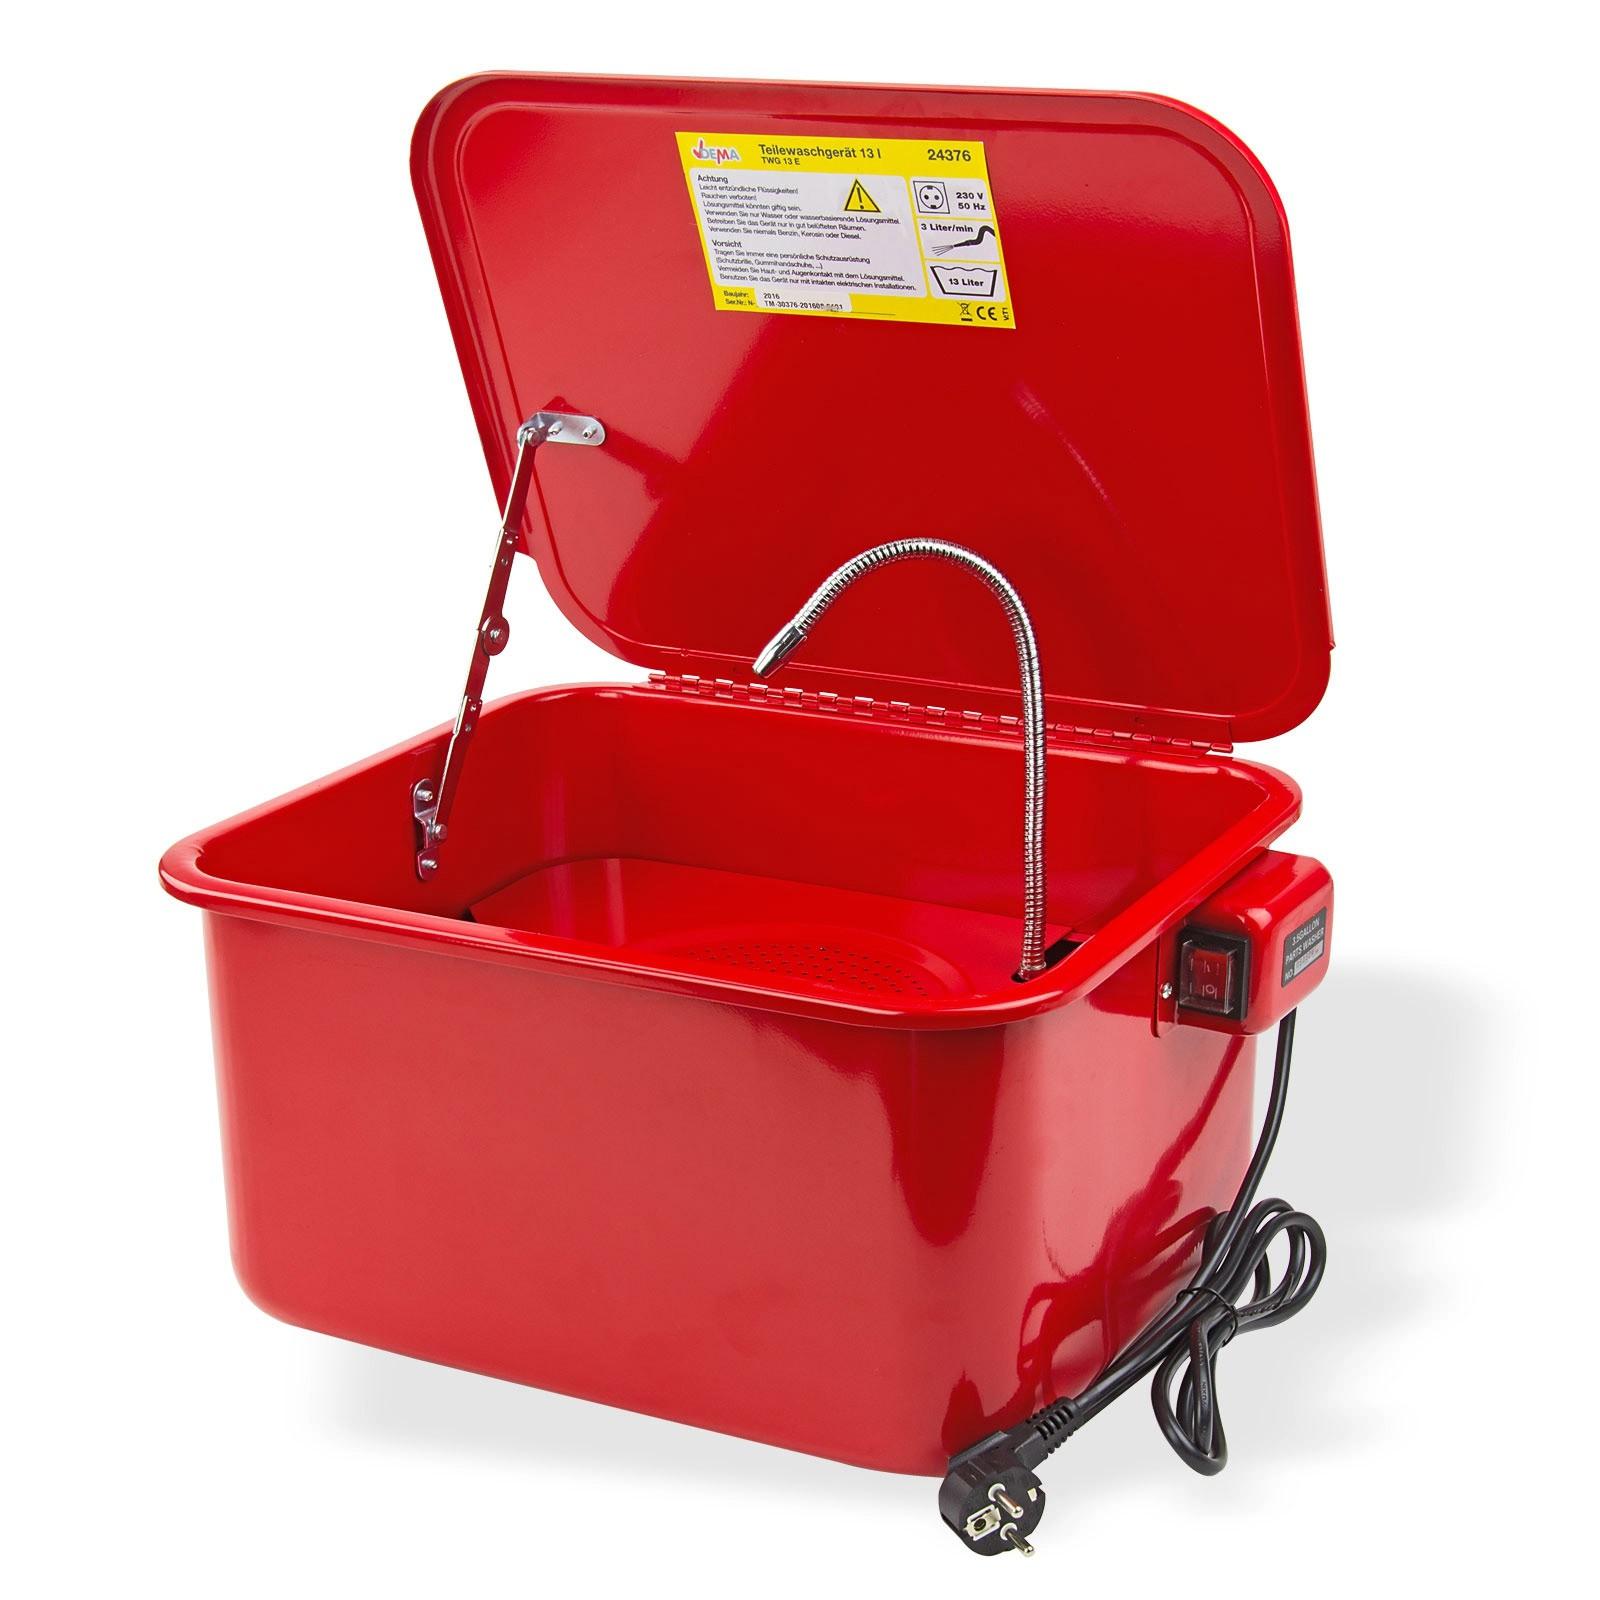 Werkstatt Teilewaschgerät 13L Teilereiniger, Teilereinigungsgerät | STABILO  ...mehr als nur Baumarkt!